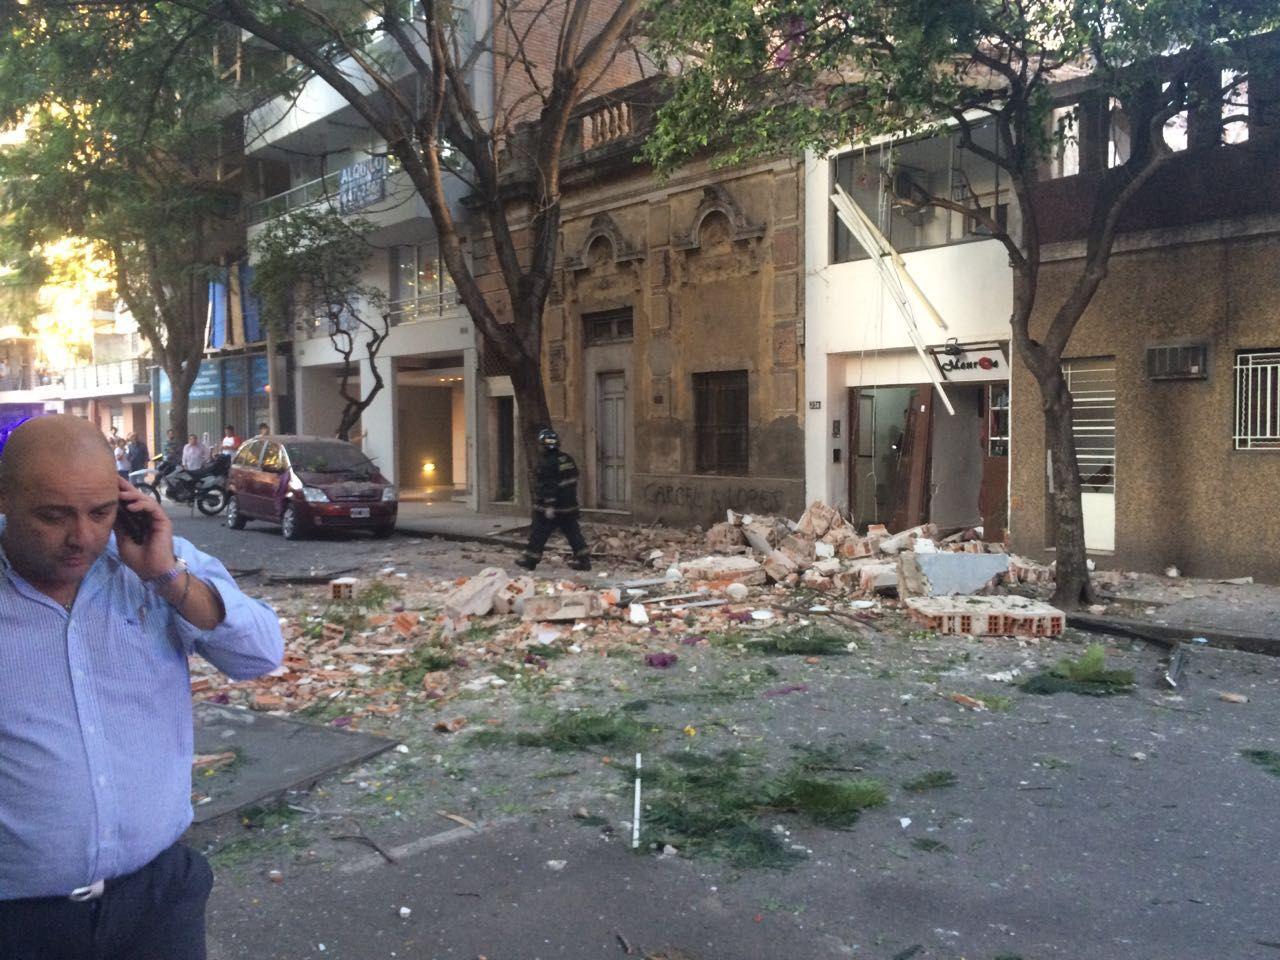 El tío de Mariano ingresaba hoy al edificio de Balcarce 23 bis cuando la onda expansiva del estallido lo sacó volando.